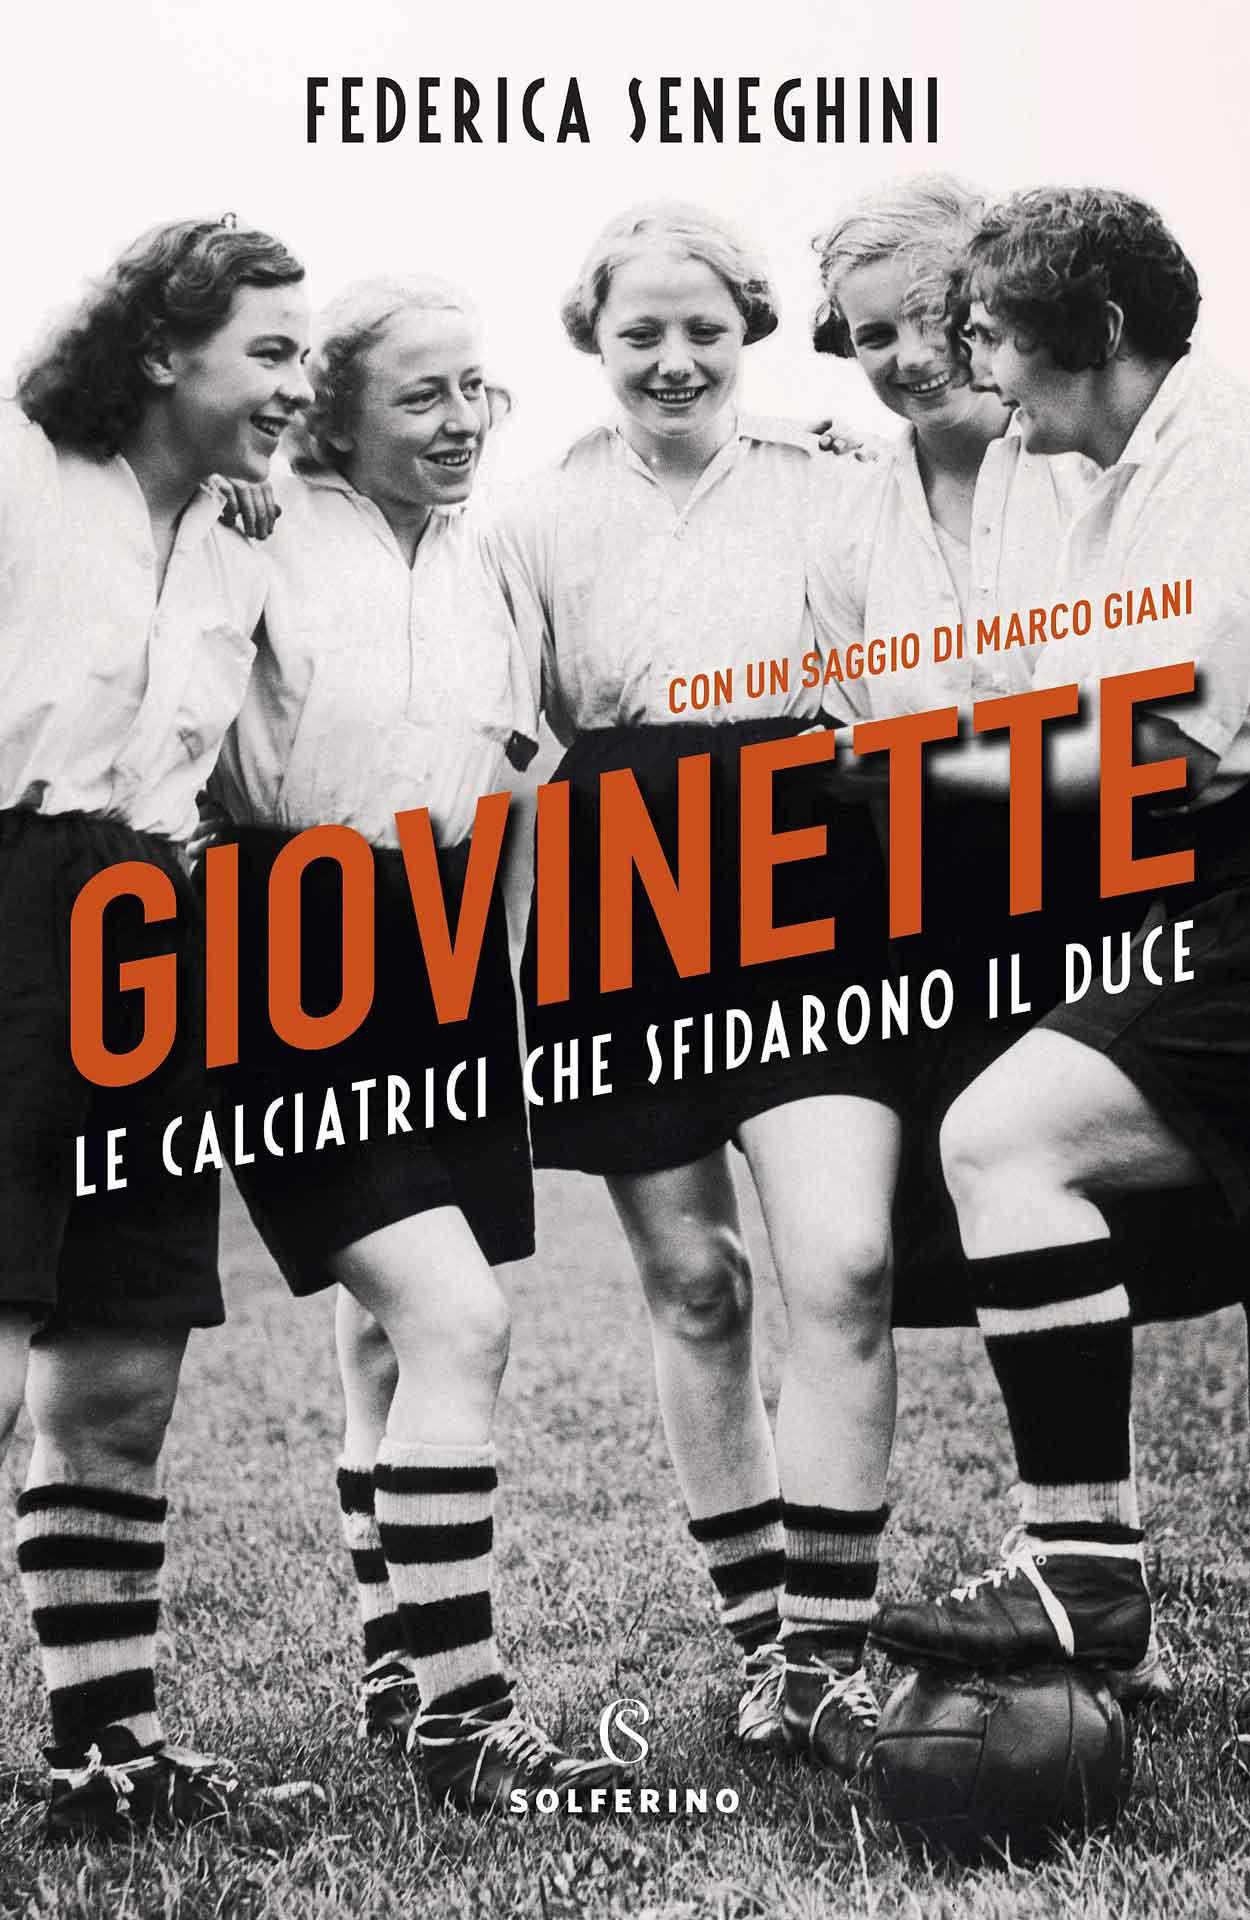 """Book cover """"Giovinette: Le calciatrici che sfidarono il Duce"""" (Source: Amazon)."""